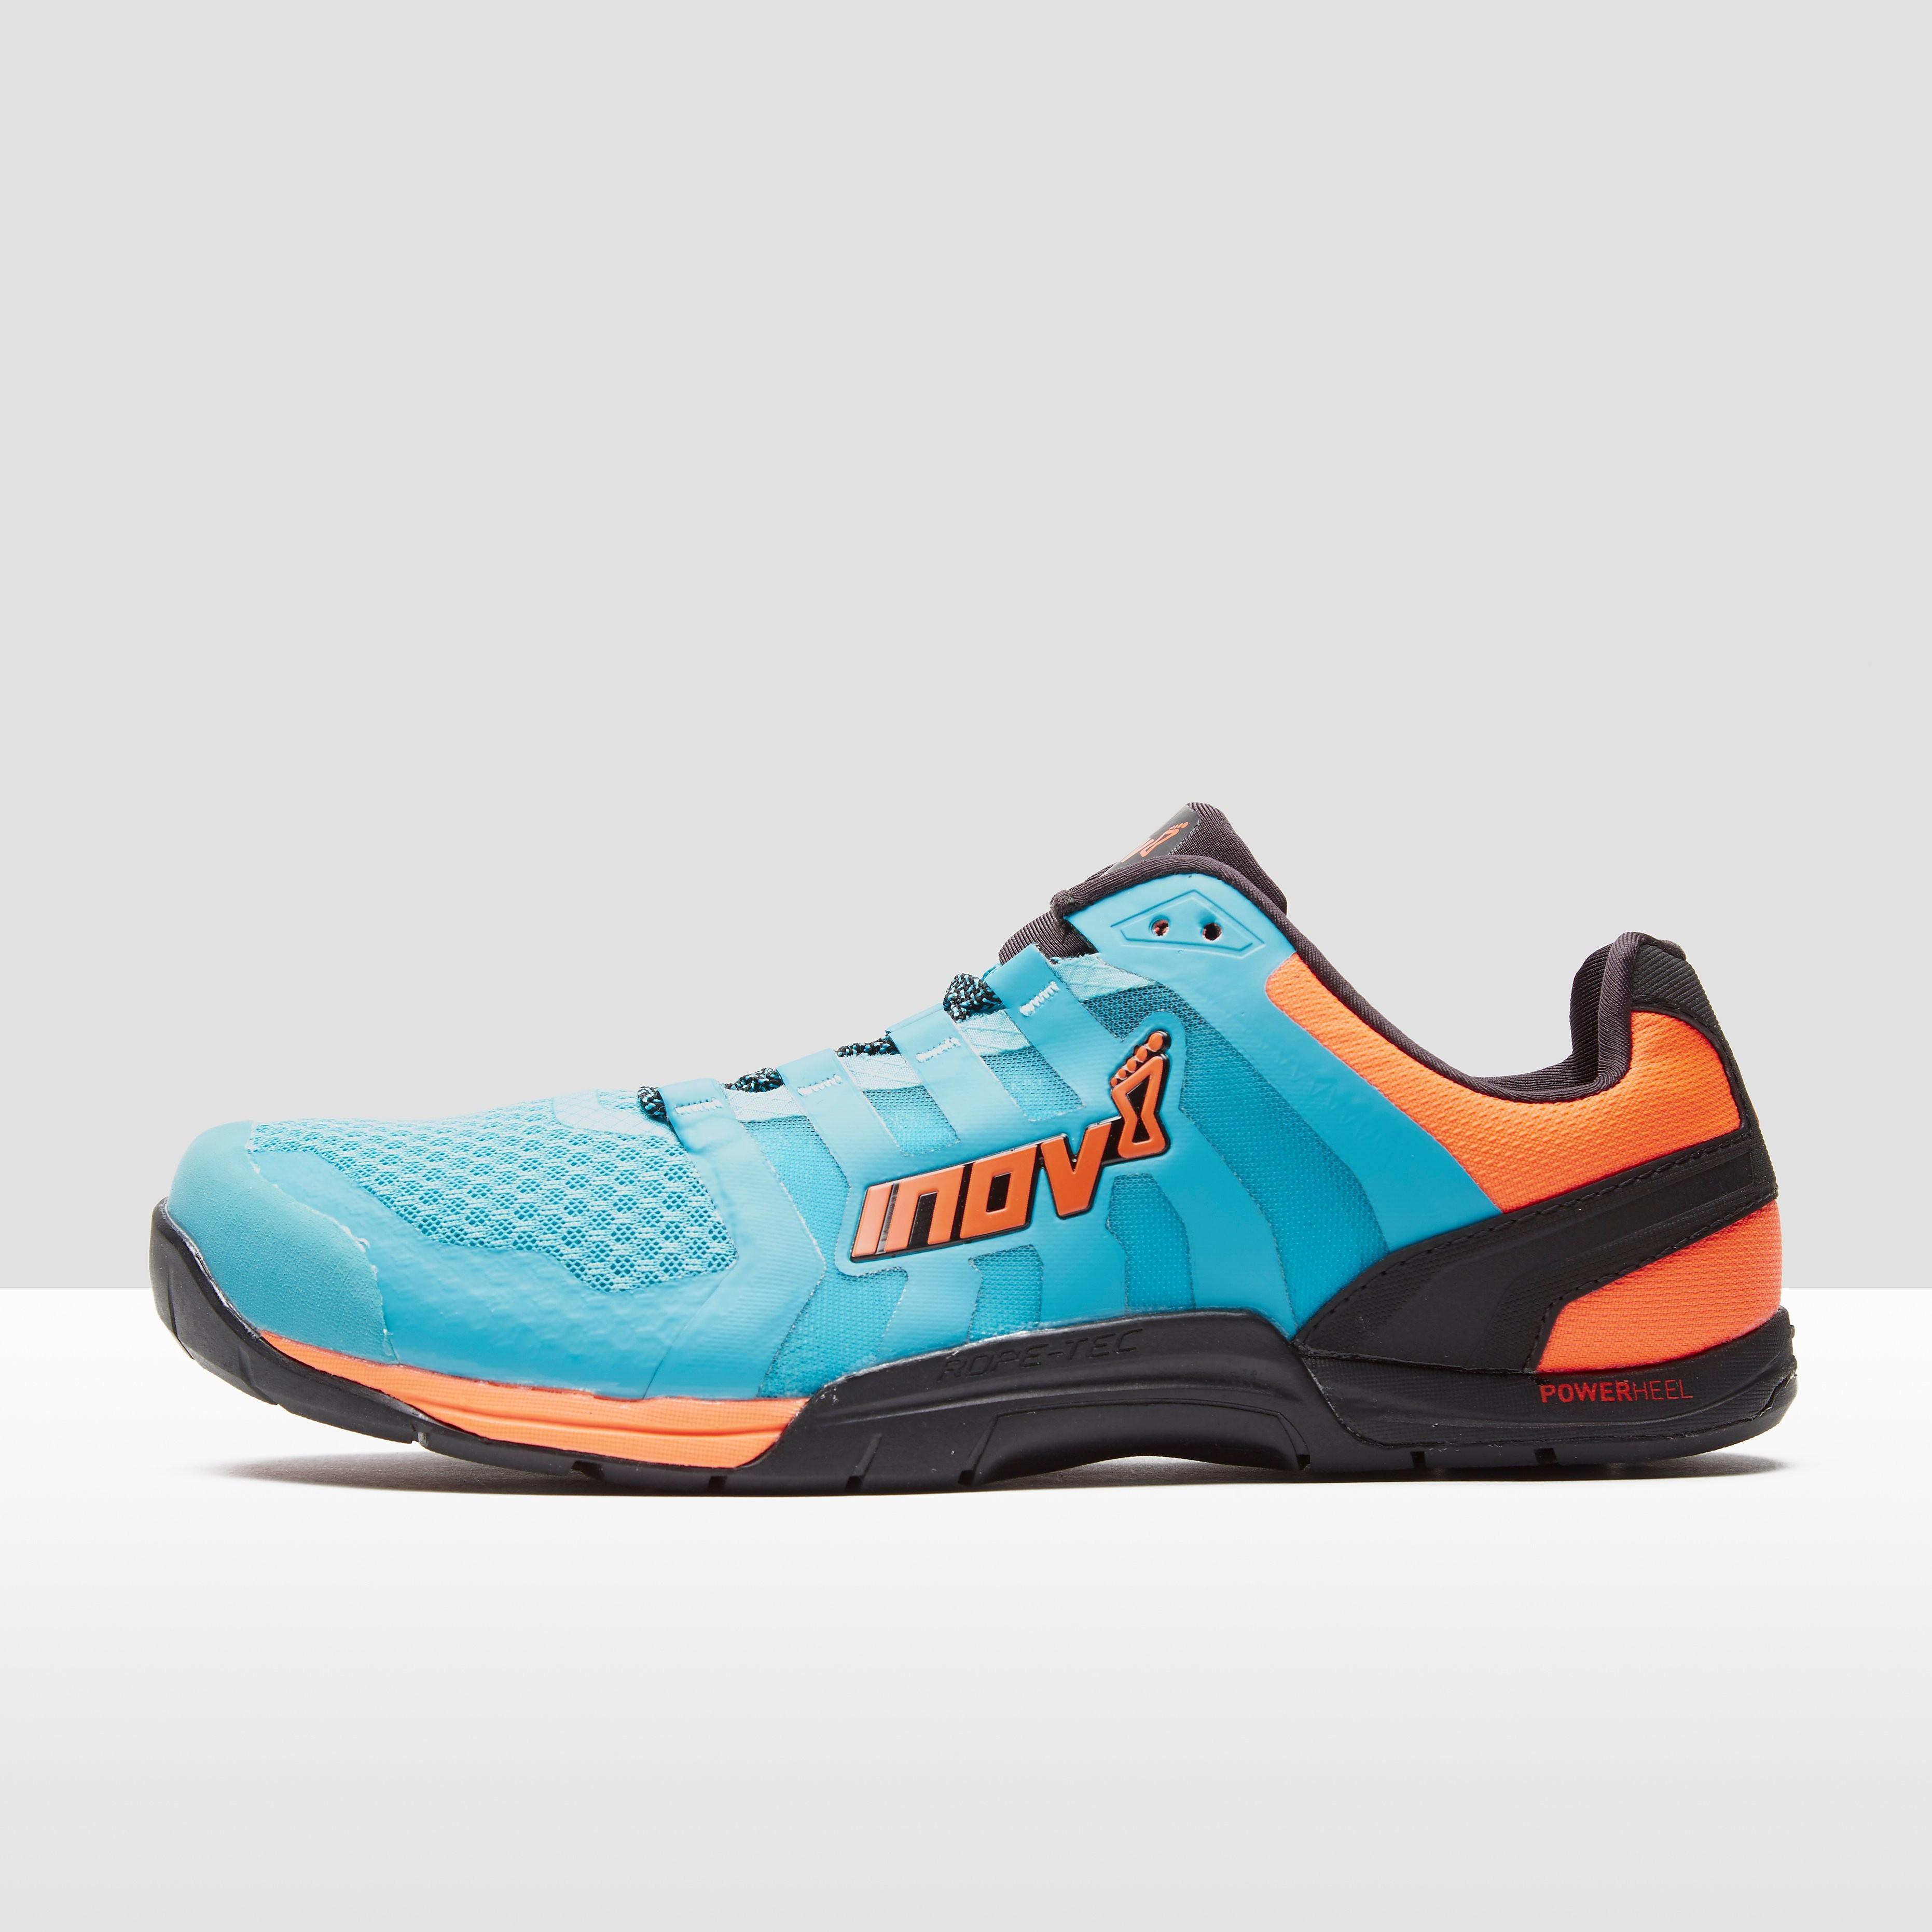 Inov-8 F-Lite 235 Men's Training Shoes